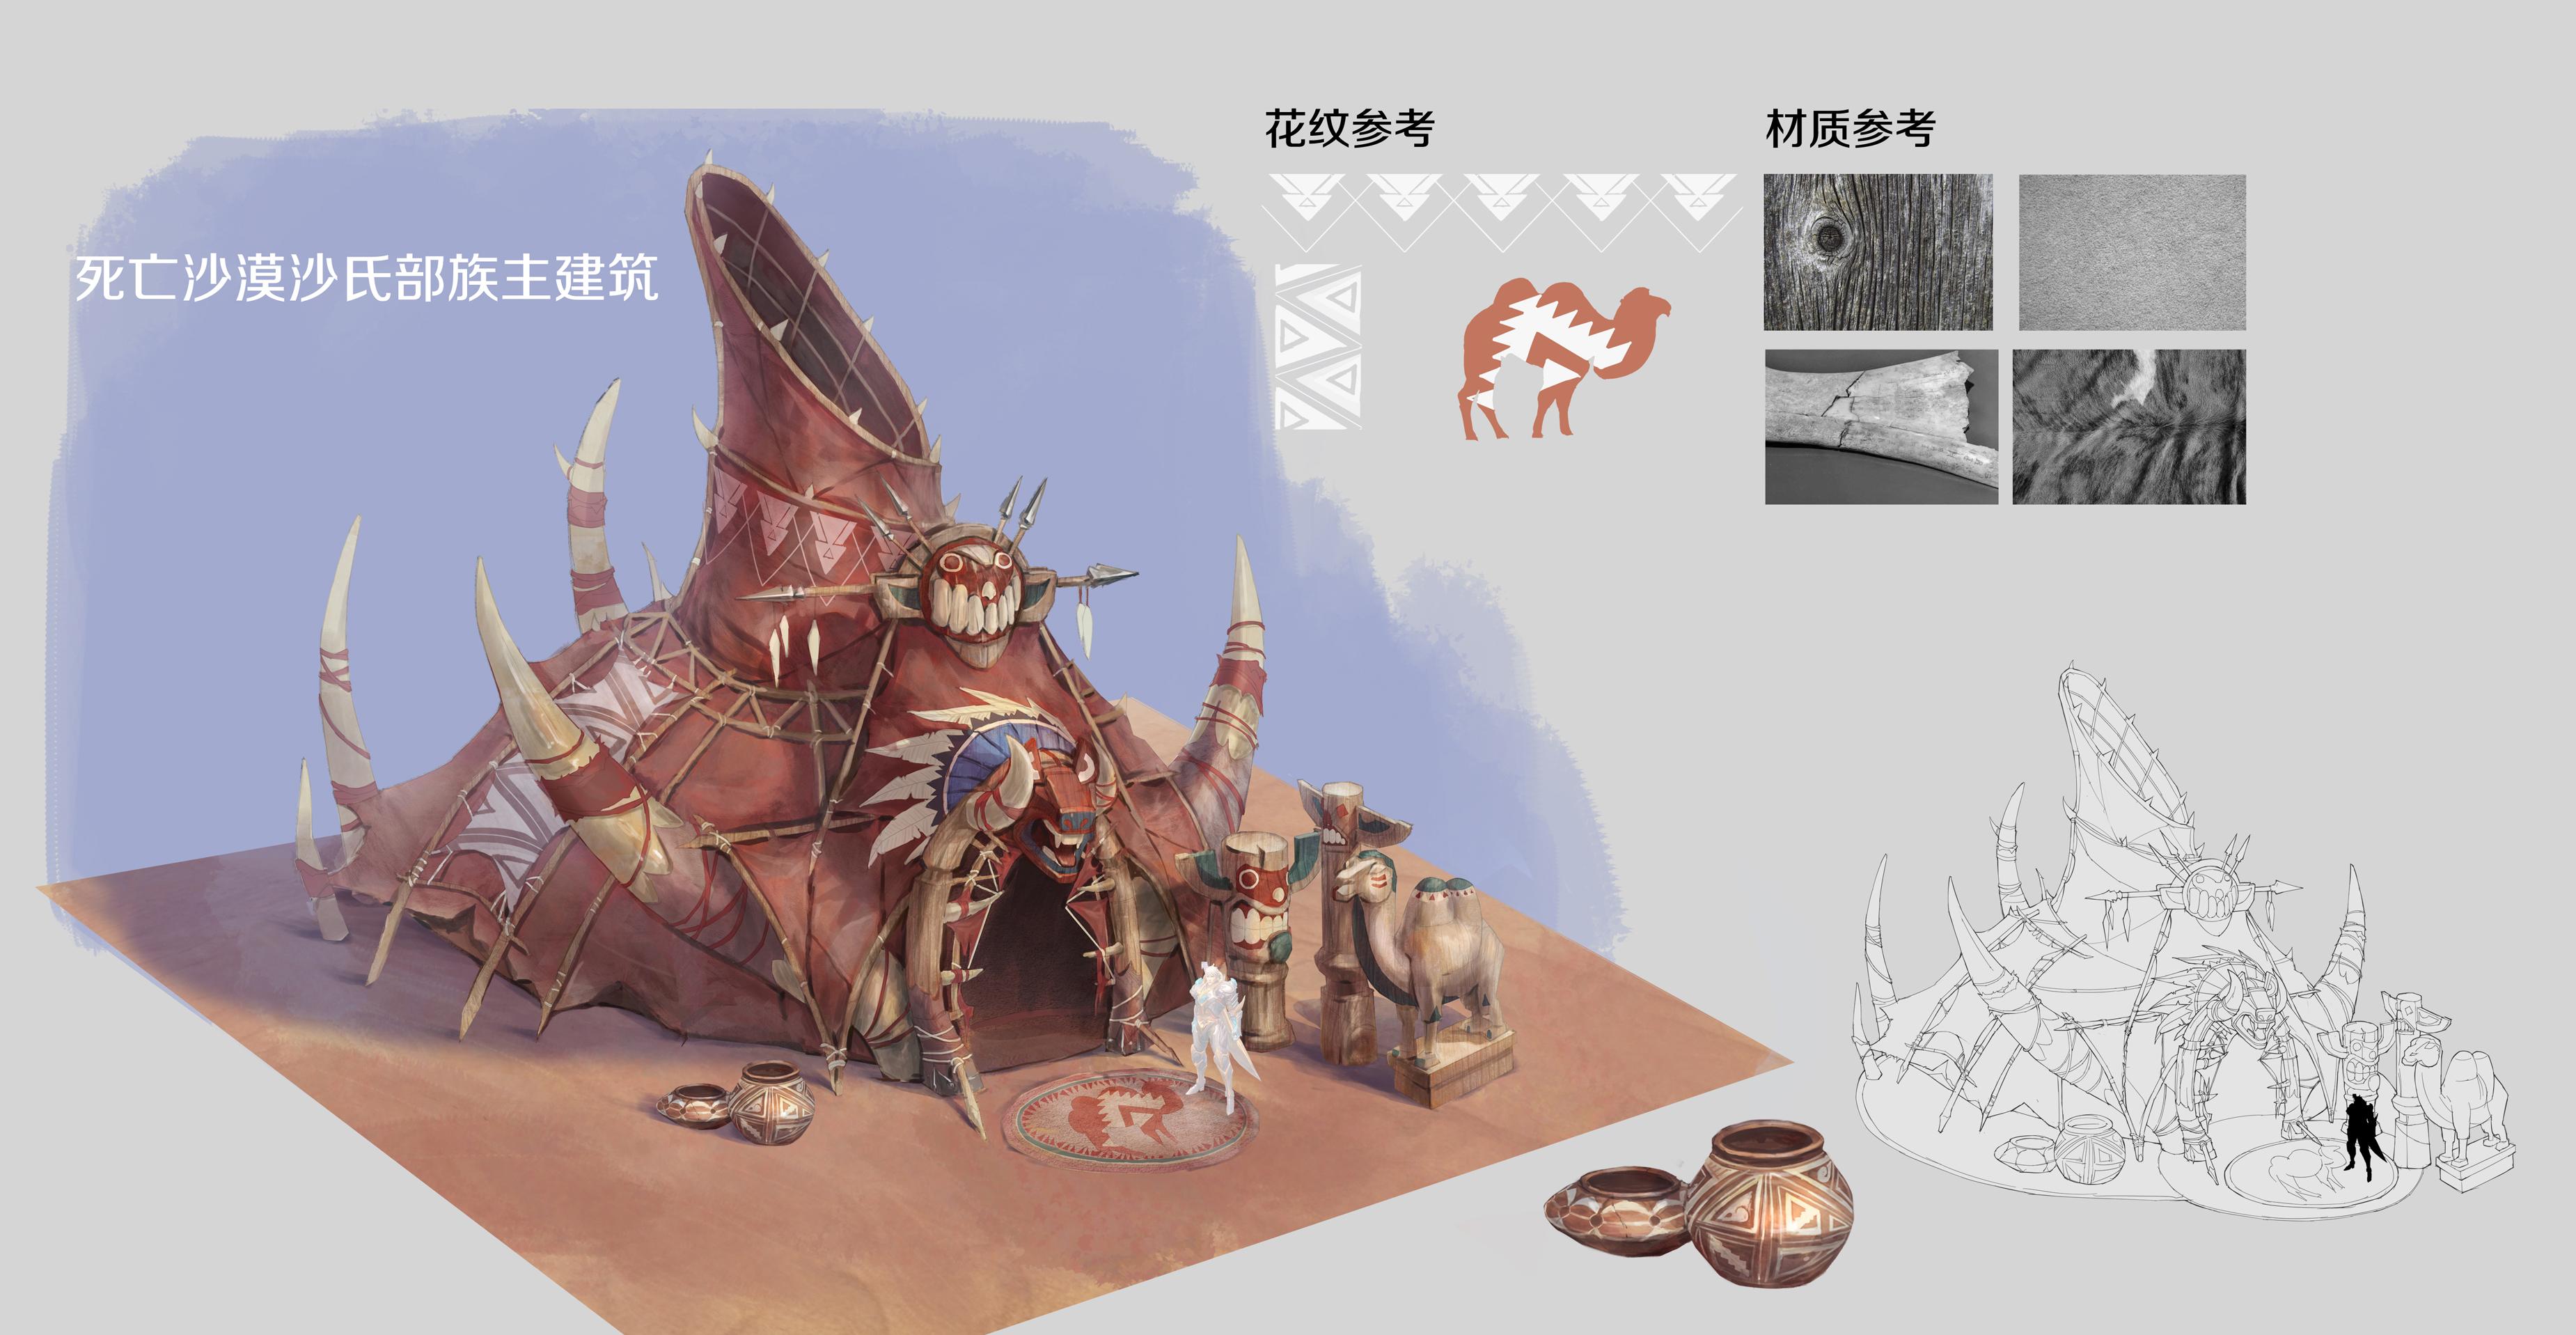 印第安风格的沙漠帐篷 设计流程分享0